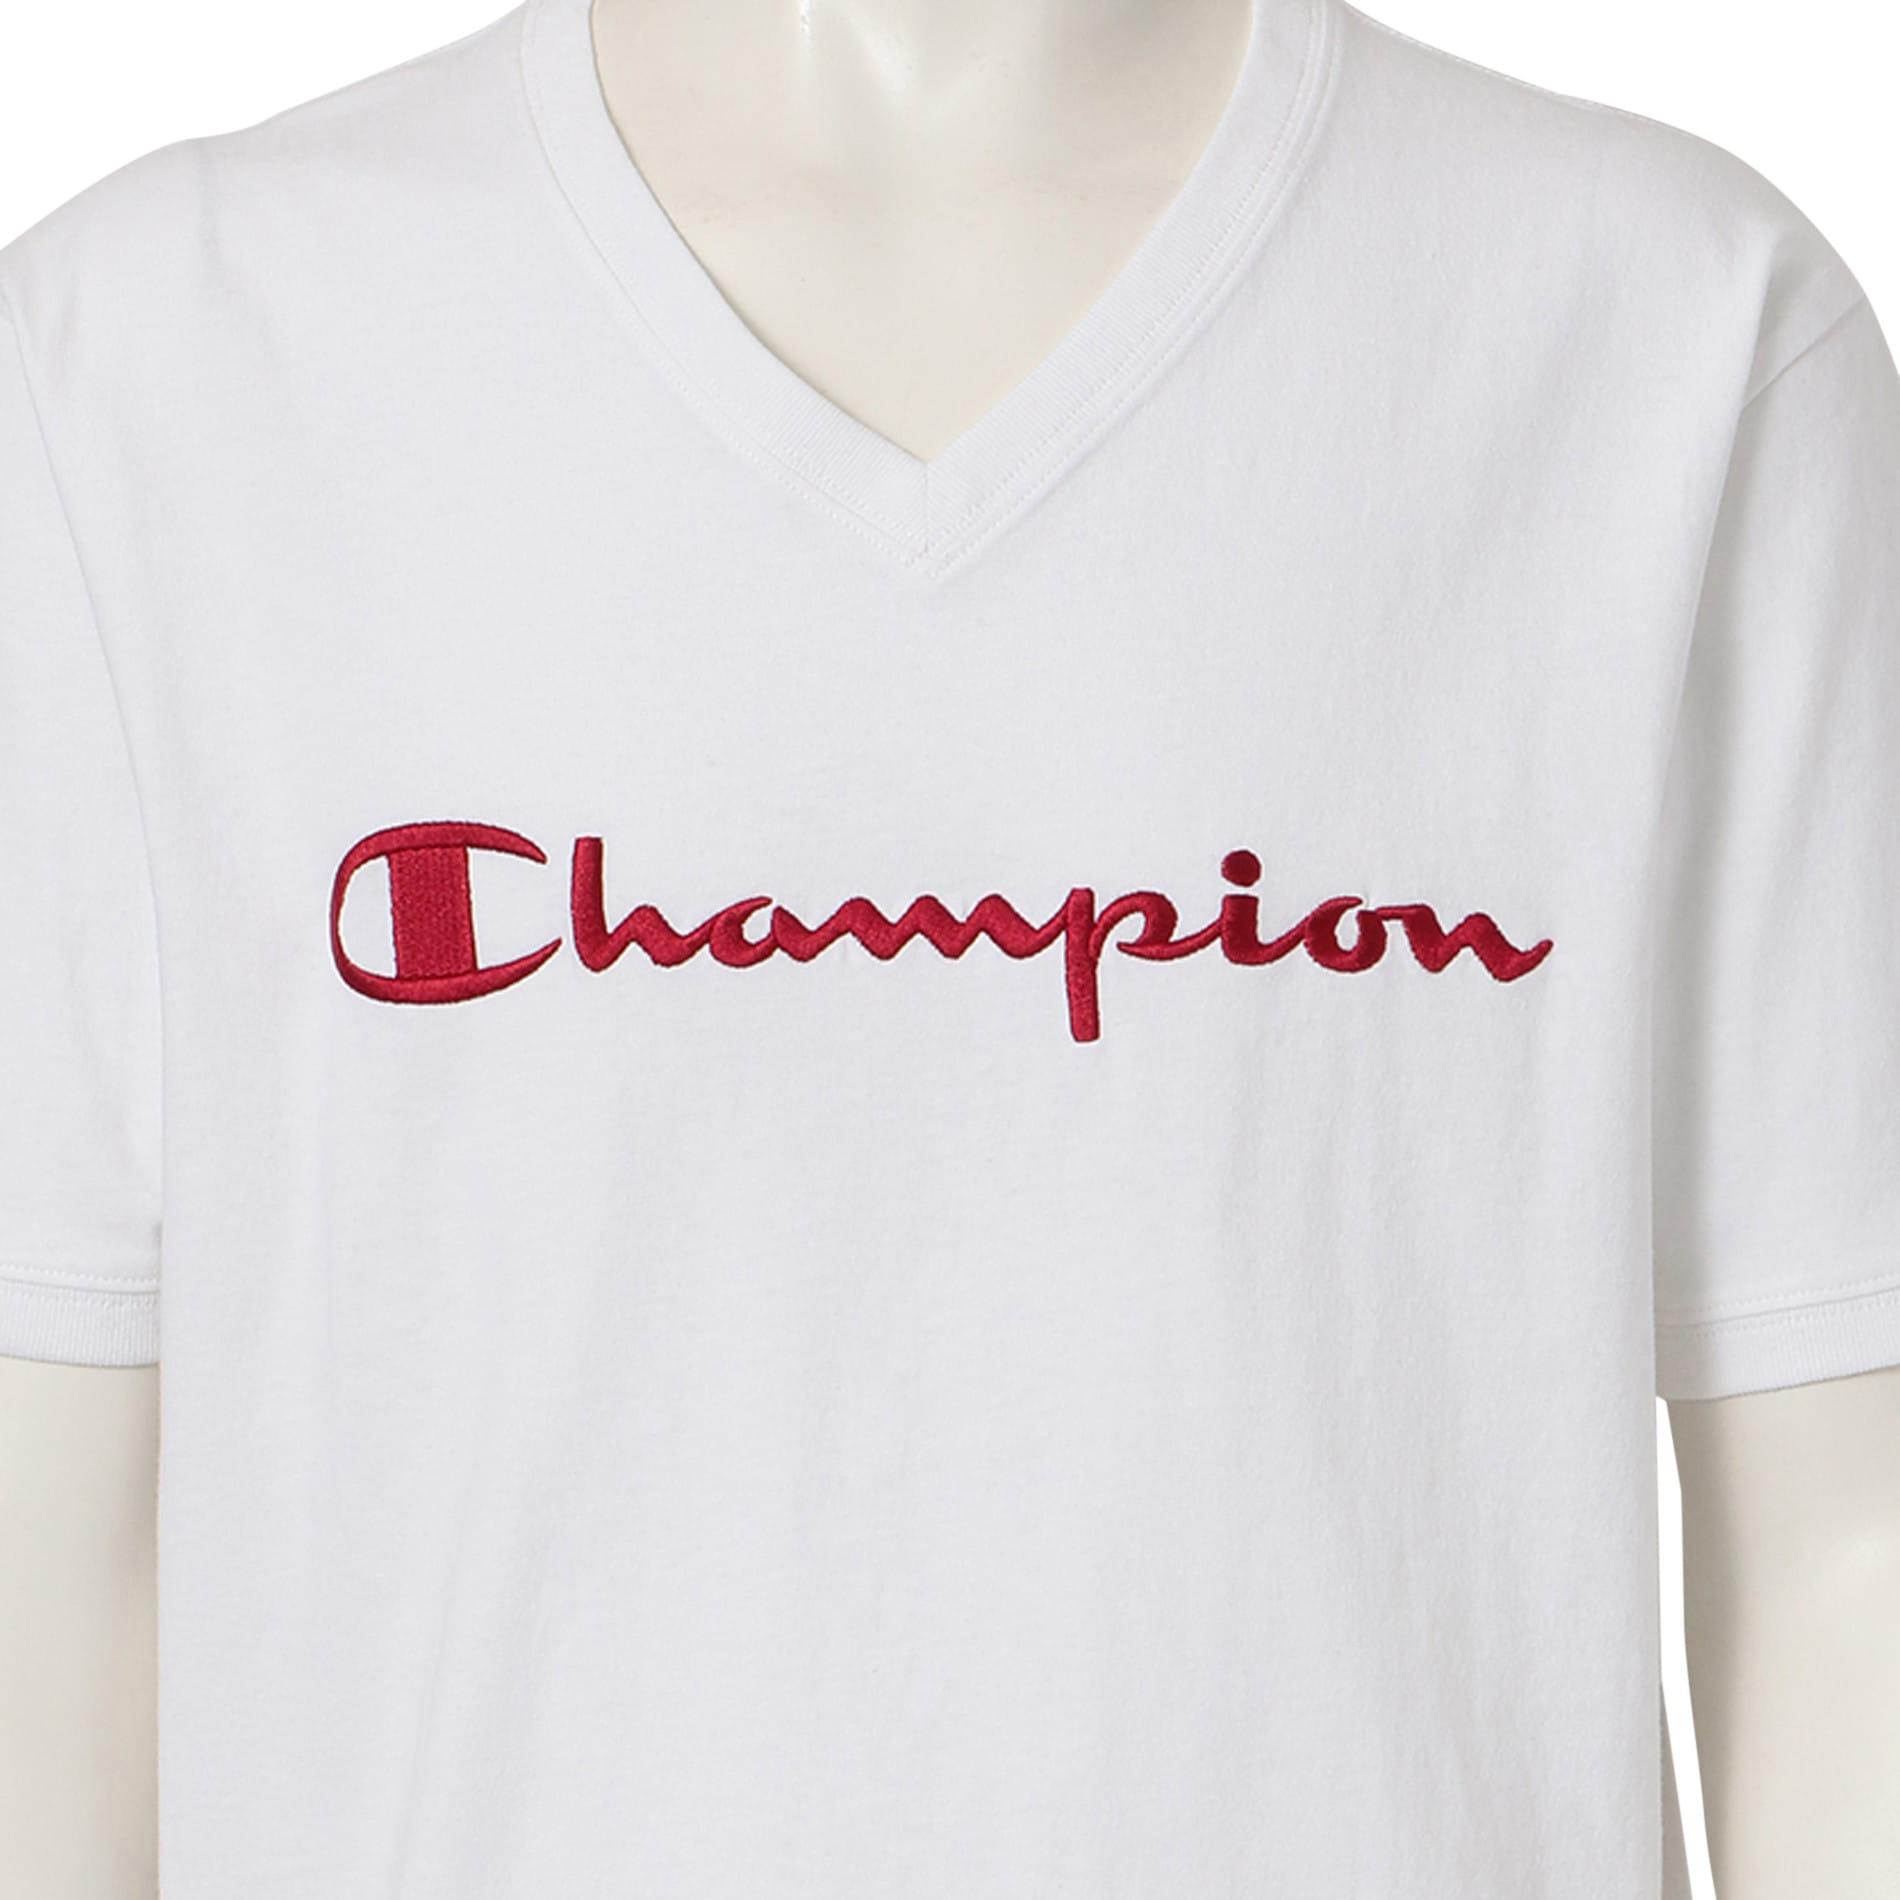 【Champion】MEN 別注VネックエンブロイダリーTシャツ